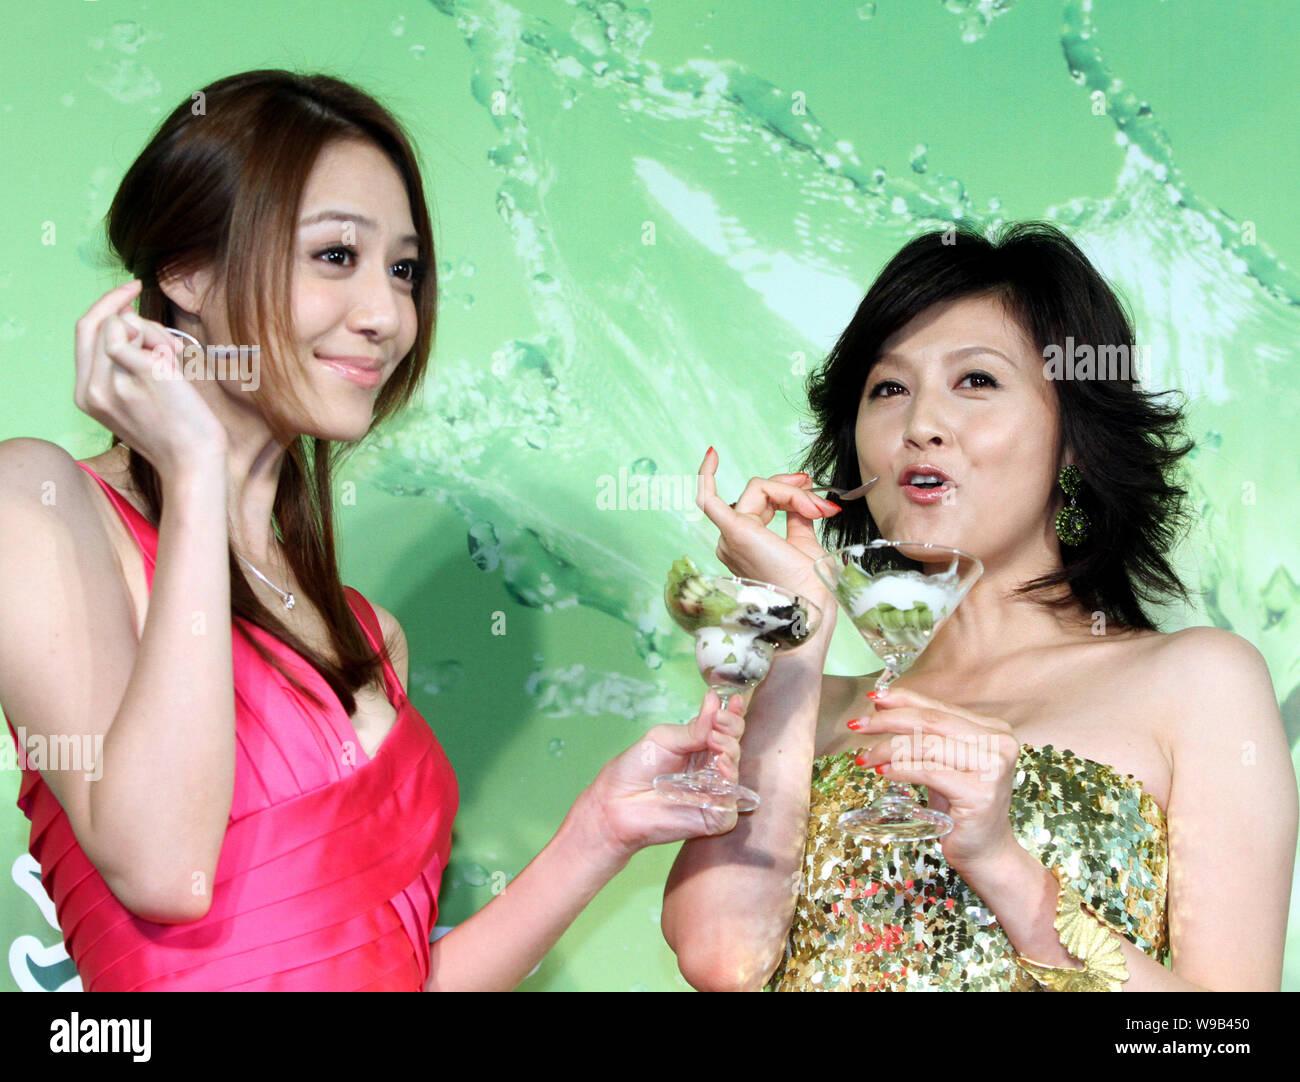 Die japanische Schauspielerin Norika Fujiwara, rechts, und taiwanesischen Model und Schauspielerin Bianca Bai genießen Sie Kiwis während einer kommerziellen Kampagne zu neuen Eifer fördern Stockfoto